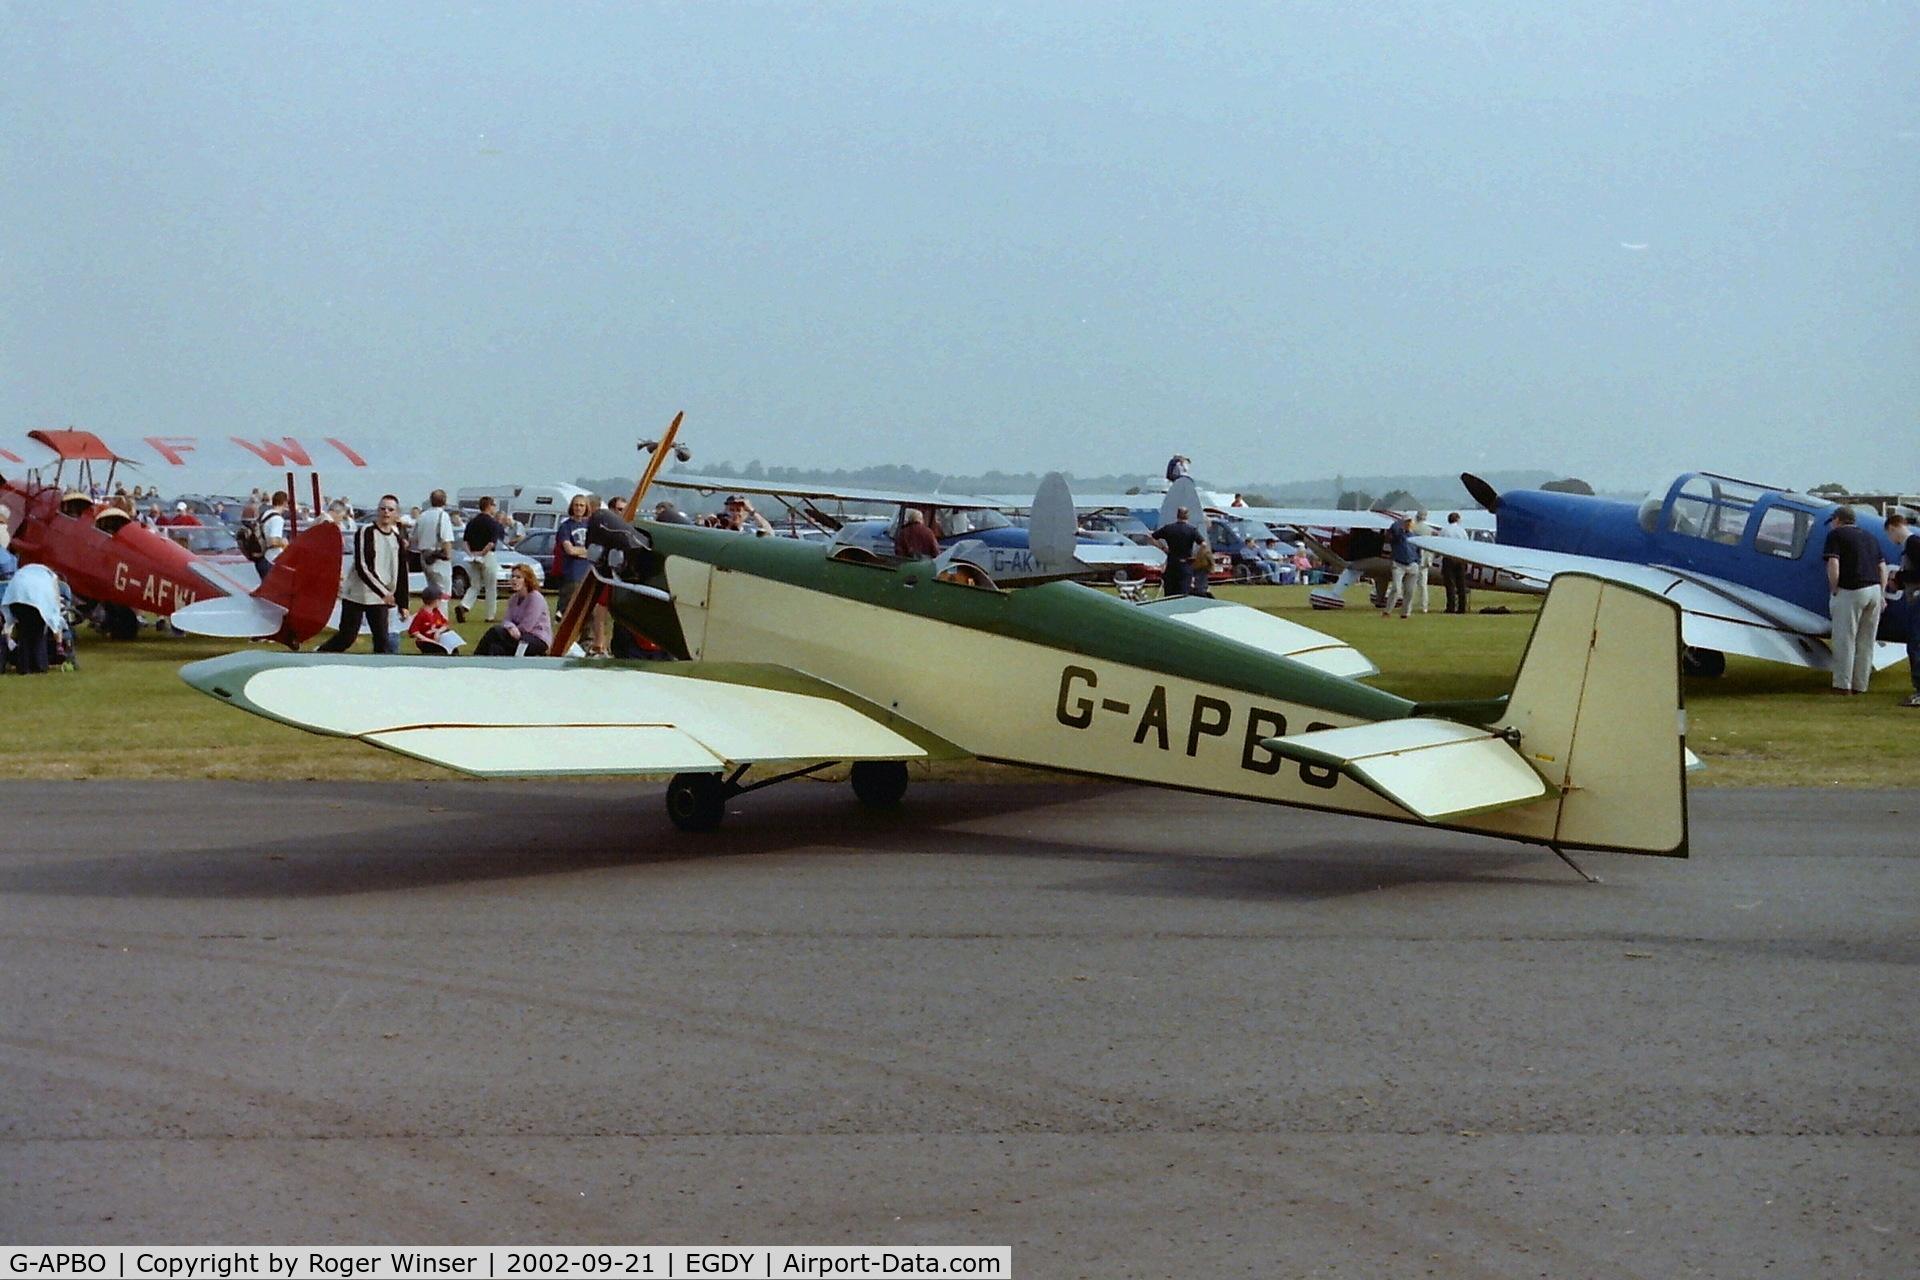 G-APBO, 1960 Druine D-5 Turbi C/N PFA 229, At RNAS Yeovilton Air Day in 2002.